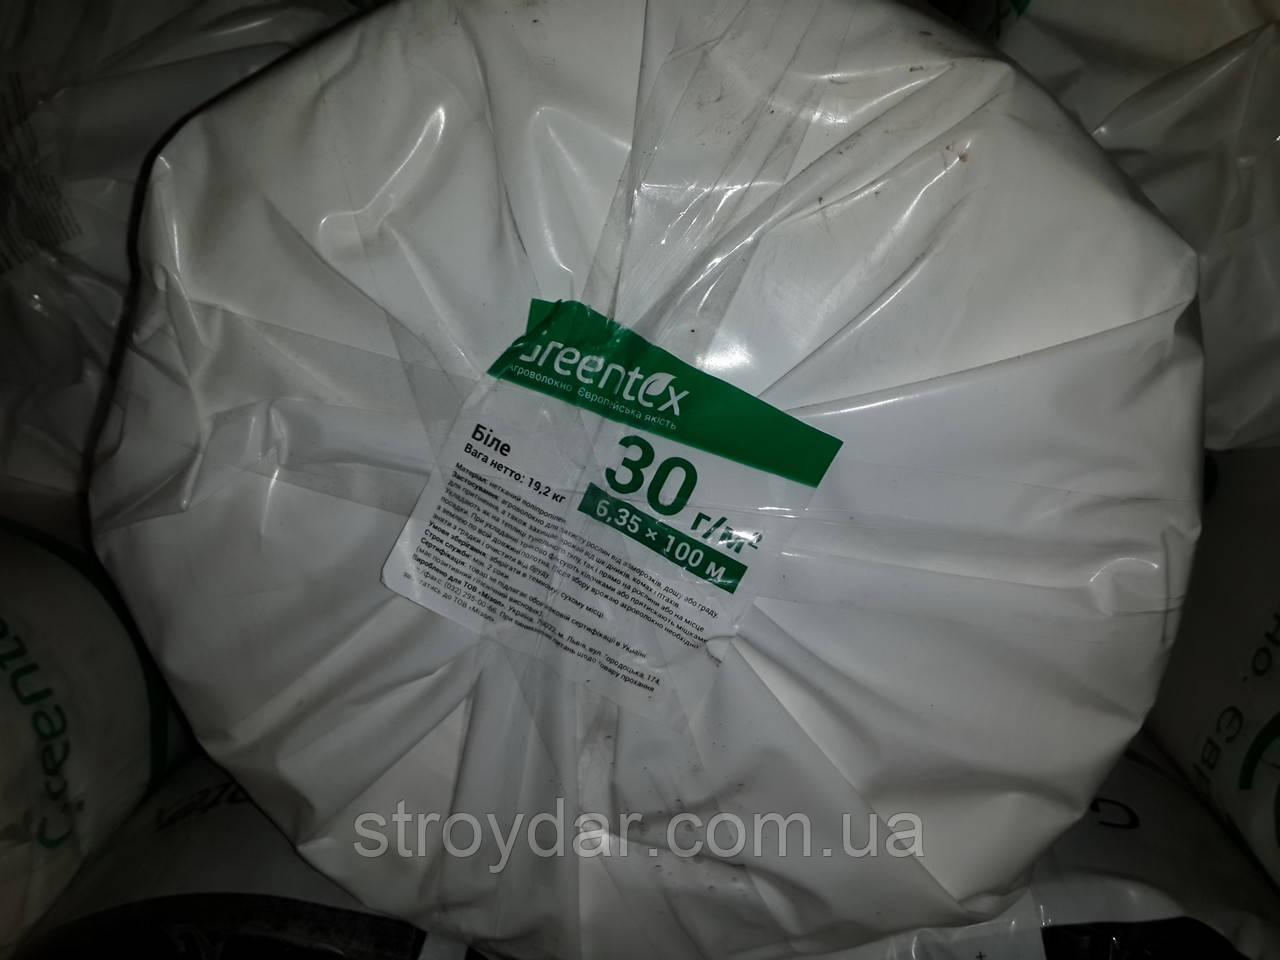 Агроволокно белое Greentex 30 г/м2 - 6,35х100 м